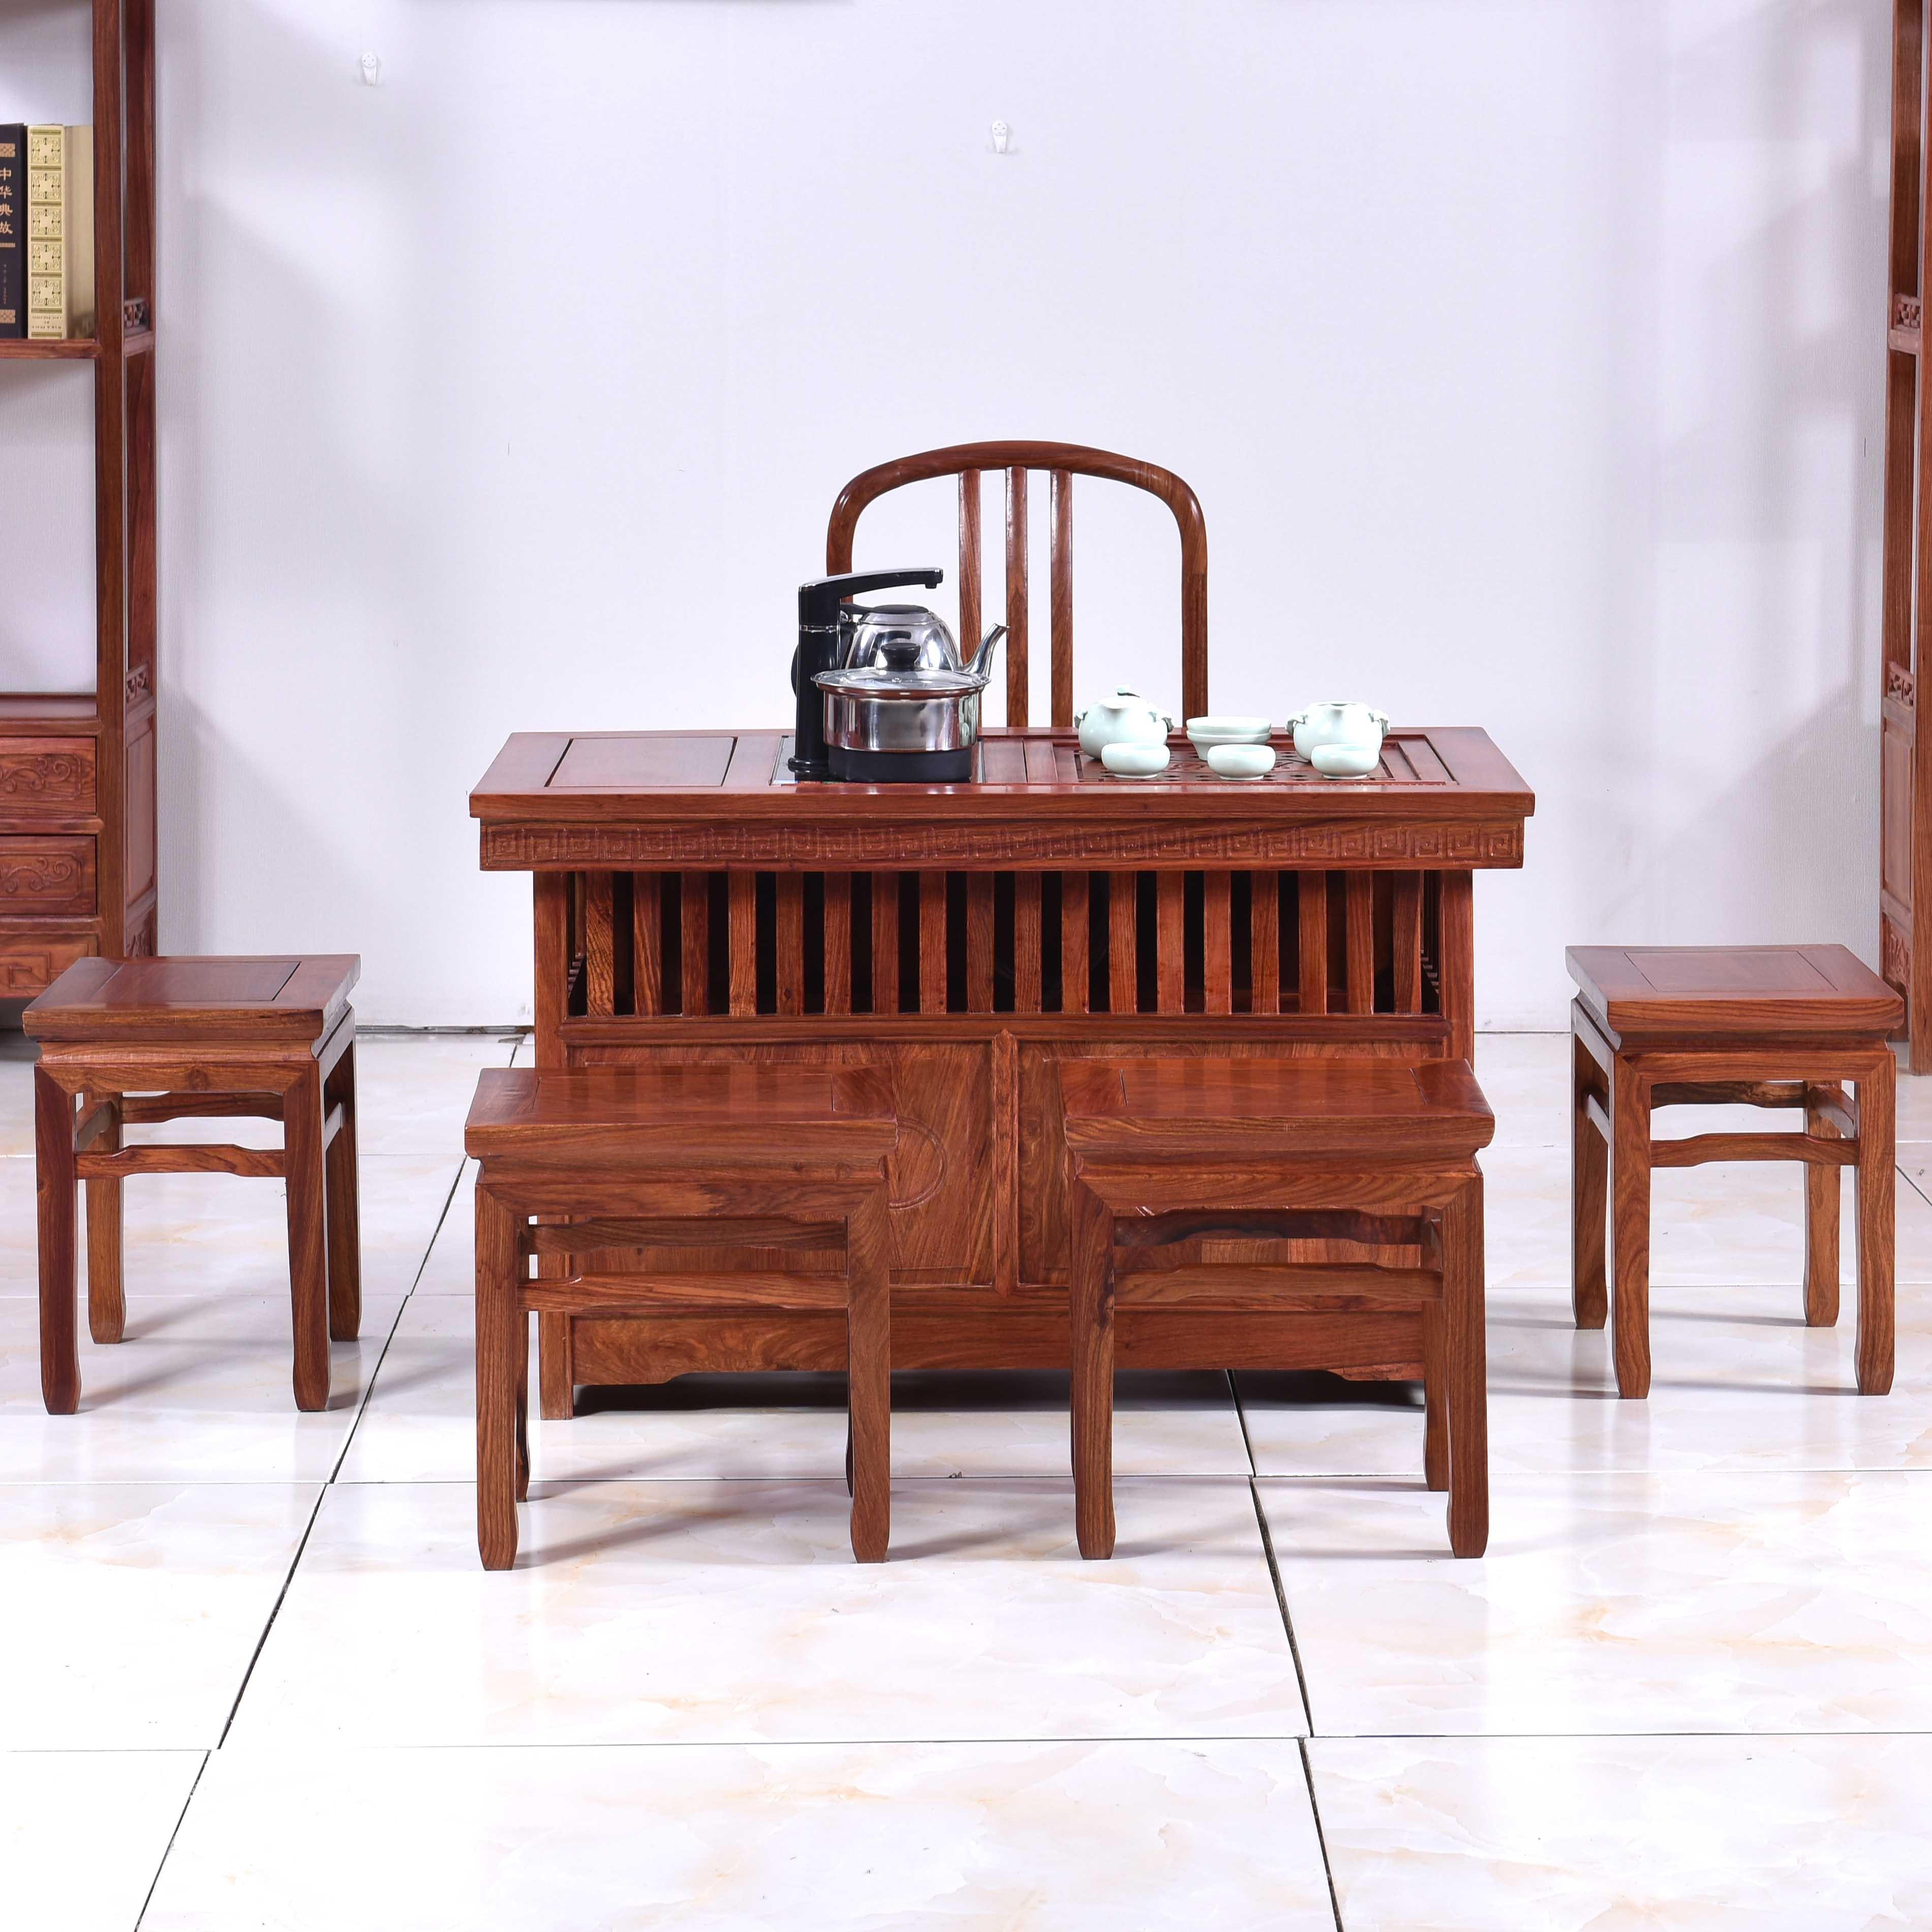 Bàn ghế gỗ gụ gỗ hồng mộc Trung Quốc rắn gỗ kung fu bàn ghế kết hợp ban công bàn trà bàn trà nghệ thuật đơn giản - Bàn trà